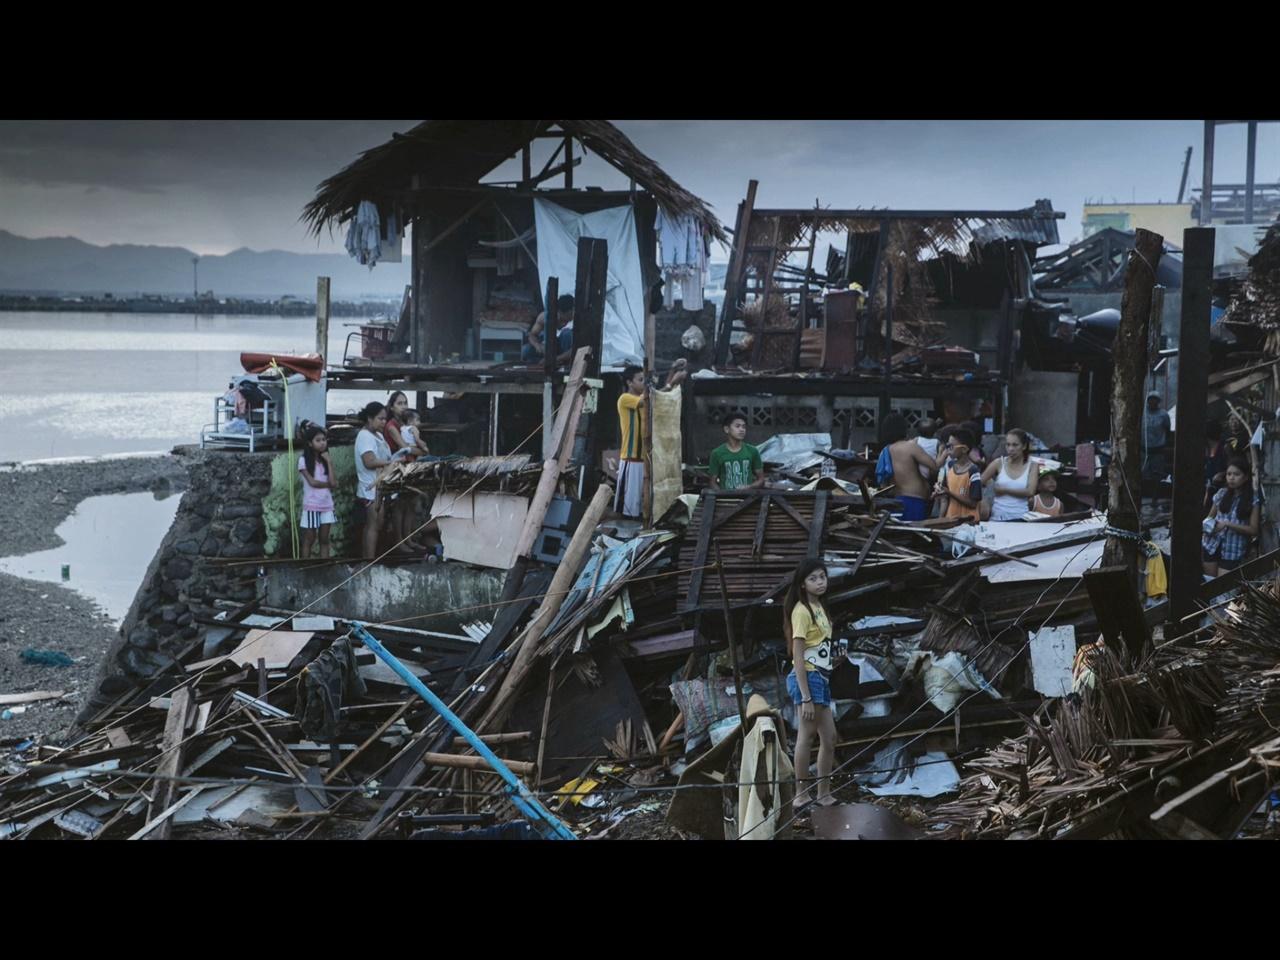 슈퍼 태풍으로 파괴된 필리핀  슈퍼 태풍 하이얀이 휩쓸고간 뒤의 타클로반의 모습